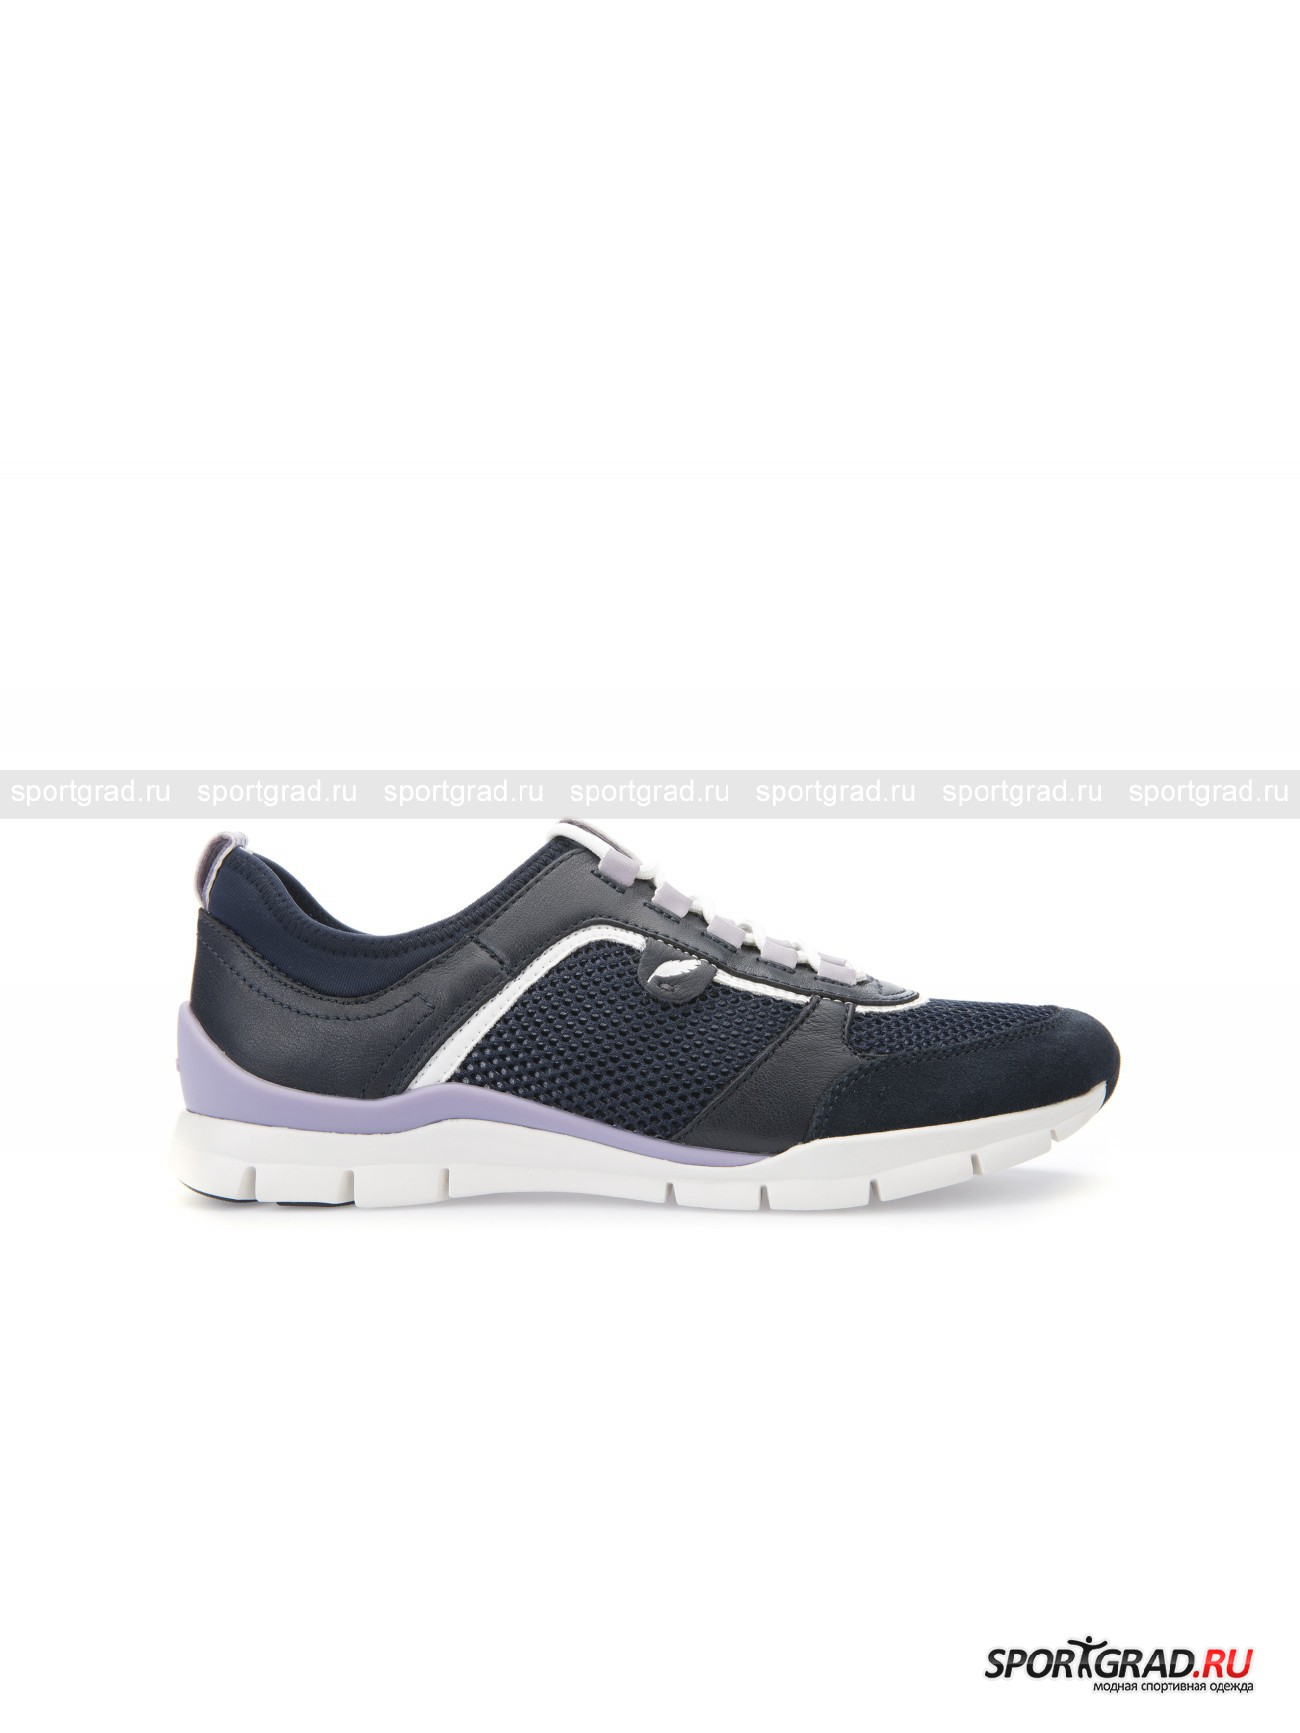 Кроссовки женские Sukie GEOX NavyКроссовки<br>Невесомые и очень гибкие кроссовки Sukie от Geox – идеальная обувь для занятий спортом или долгих прогулок. Анатомическая форма колодки позволяет ступне сгибаться под естественным углом, особая технология Respira гарантирует максимальную воздухопроницаемость. Нога здесь вентилируется со всех сторон, включая подошву, что исключает возможность потения. К тому же внутри обуви поддерживается постоянная температура и комфортный микроклимат.<br><br>Особенности модели:<br>- усиленная пятка и носок;<br>- три материала верха: кожа, замша, текстиль;<br>- съемная амортизирующая стелька;<br>- рифленая подошва.<br><br>Пол: Женский<br>Возраст: Взрослый<br>Тип: Кроссовки<br>Рекомендации по уходу: Протирать мягкой сухой тканью.<br>Состав: Кожа, замша, текстиль.